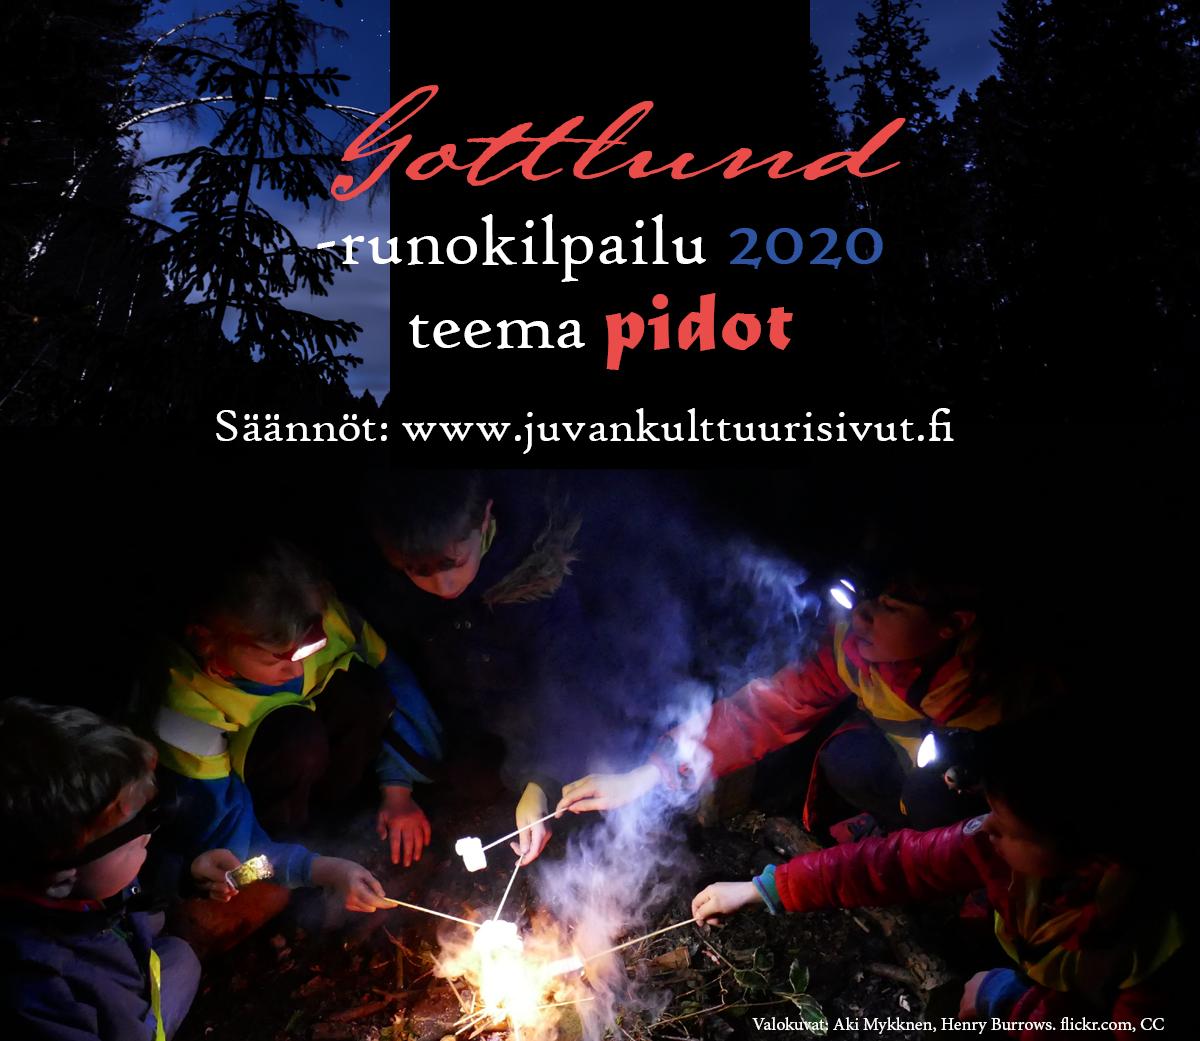 Pidot – Gottlund-runokilpailu 2020